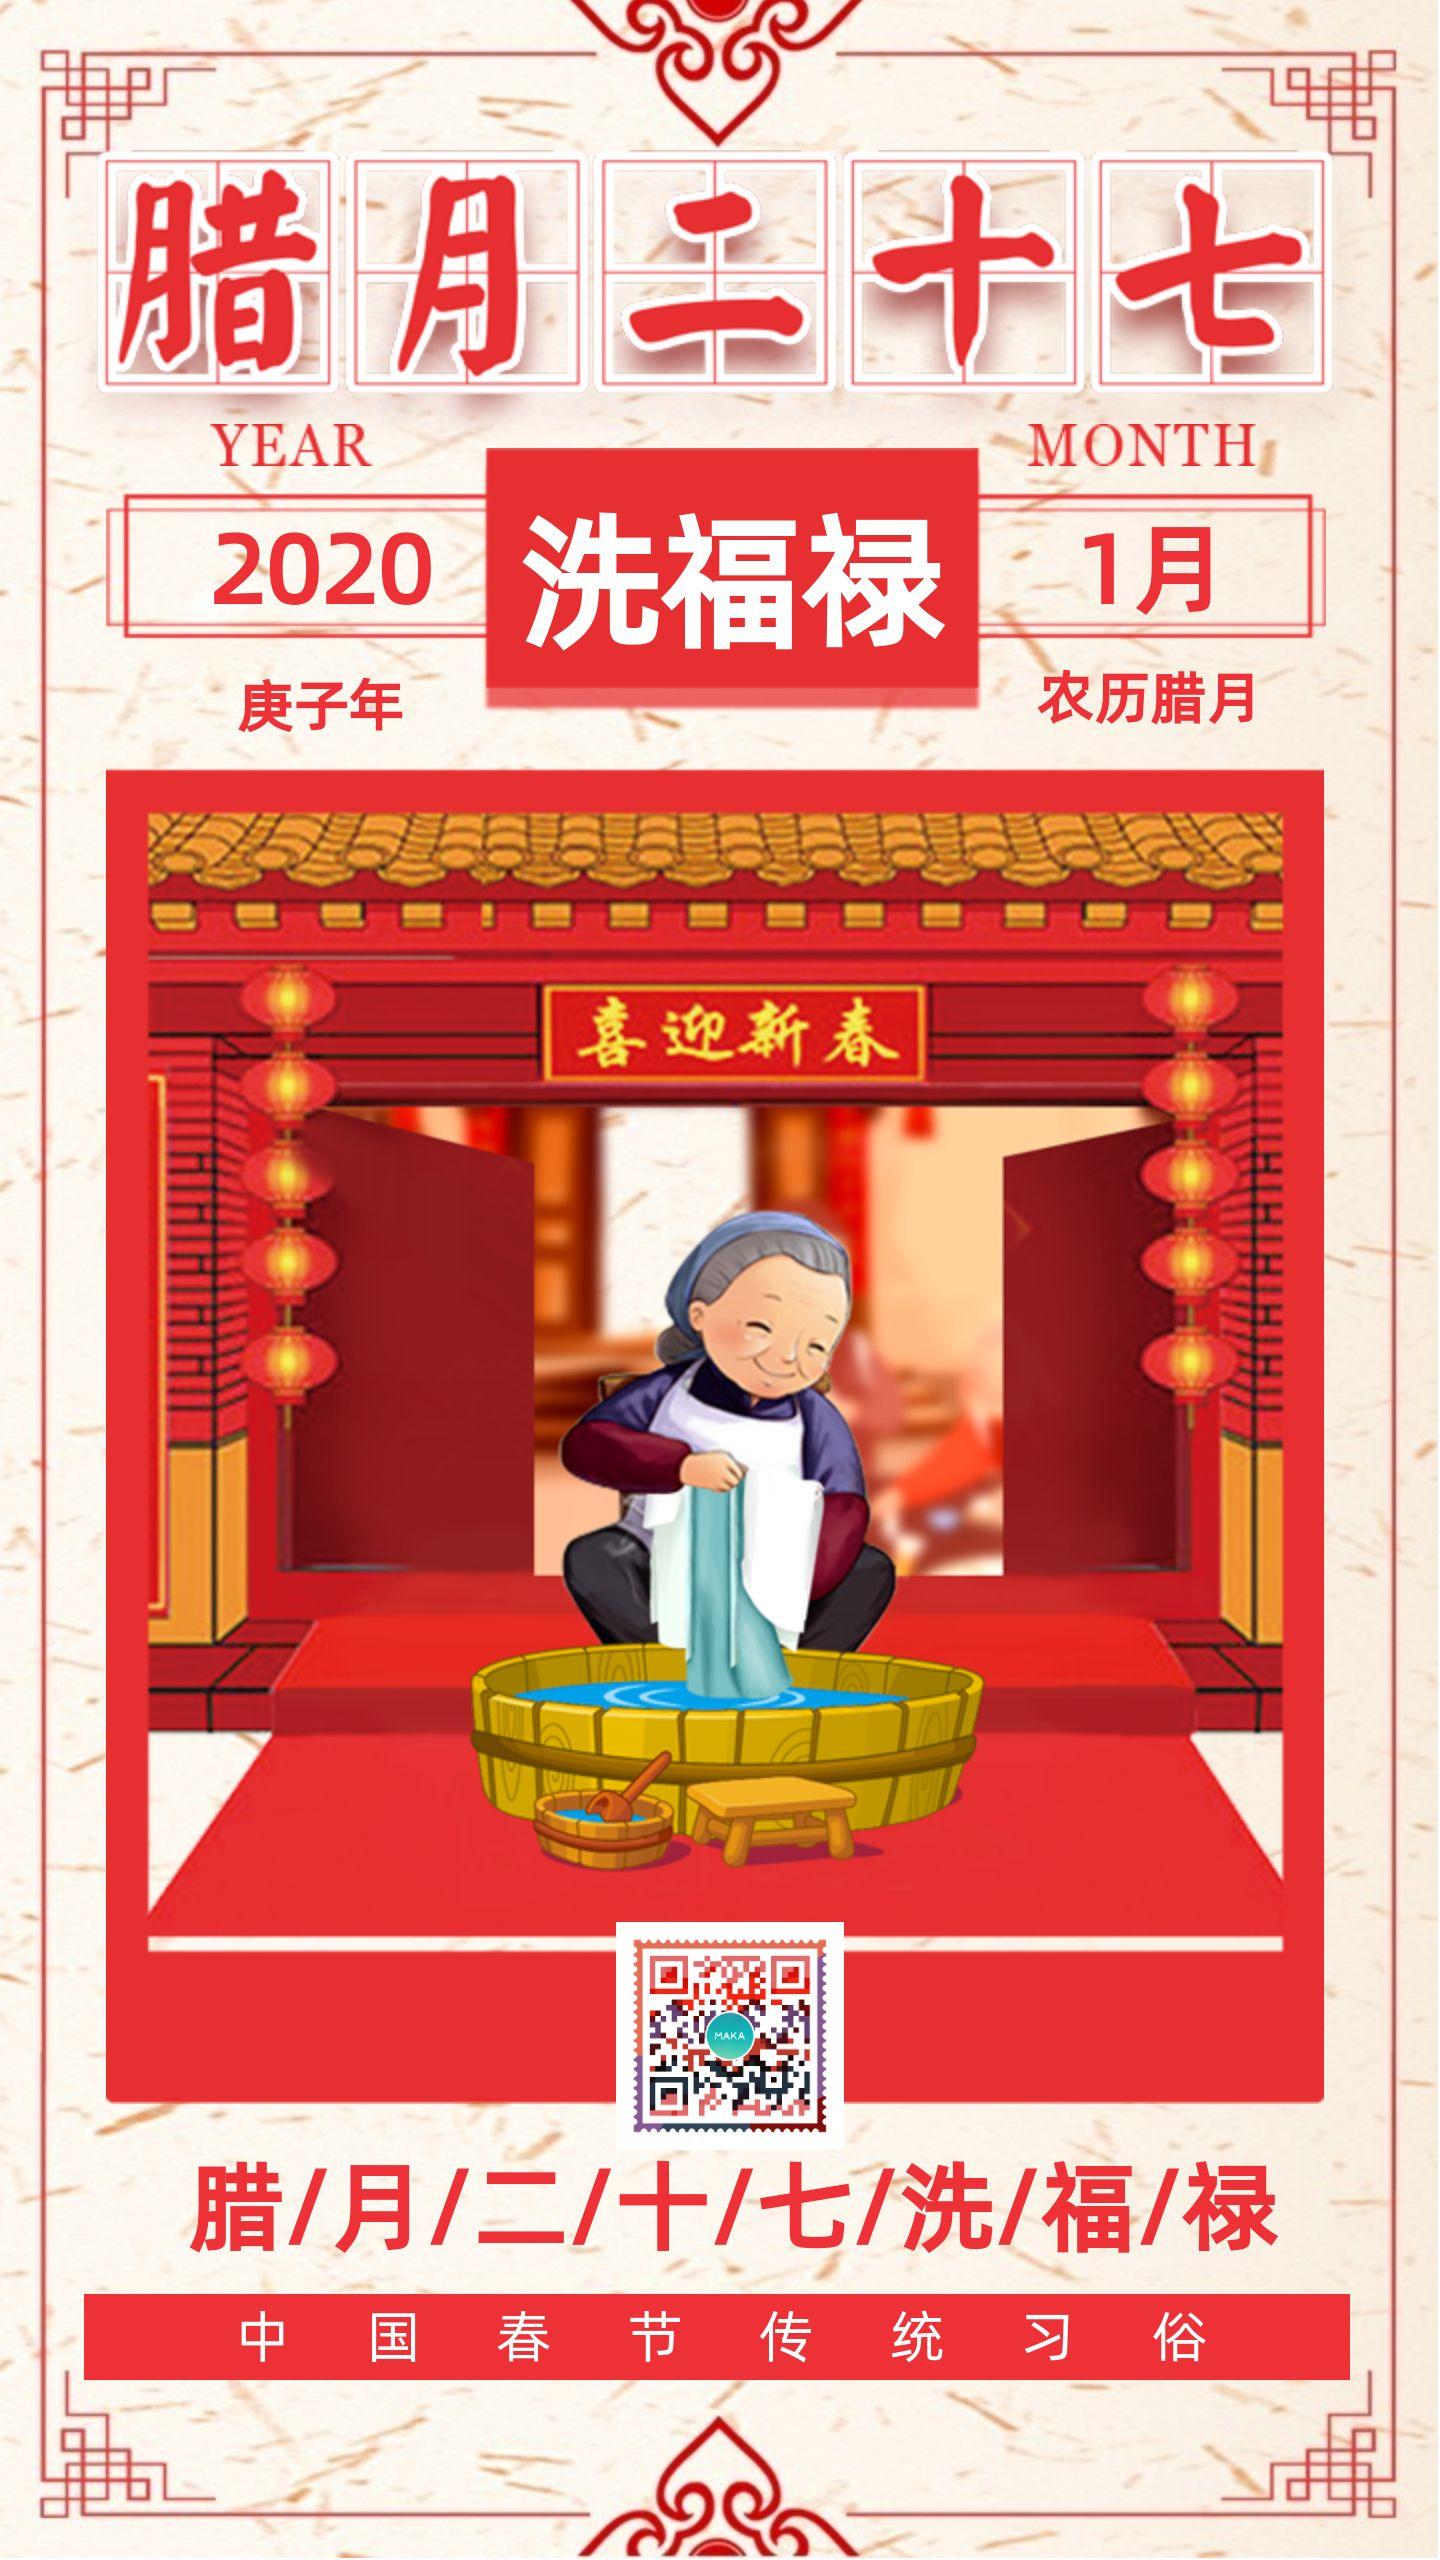 腊月二十七洗福禄中国风2020鼠年春节祝福拜年手机版新年日签习俗海报